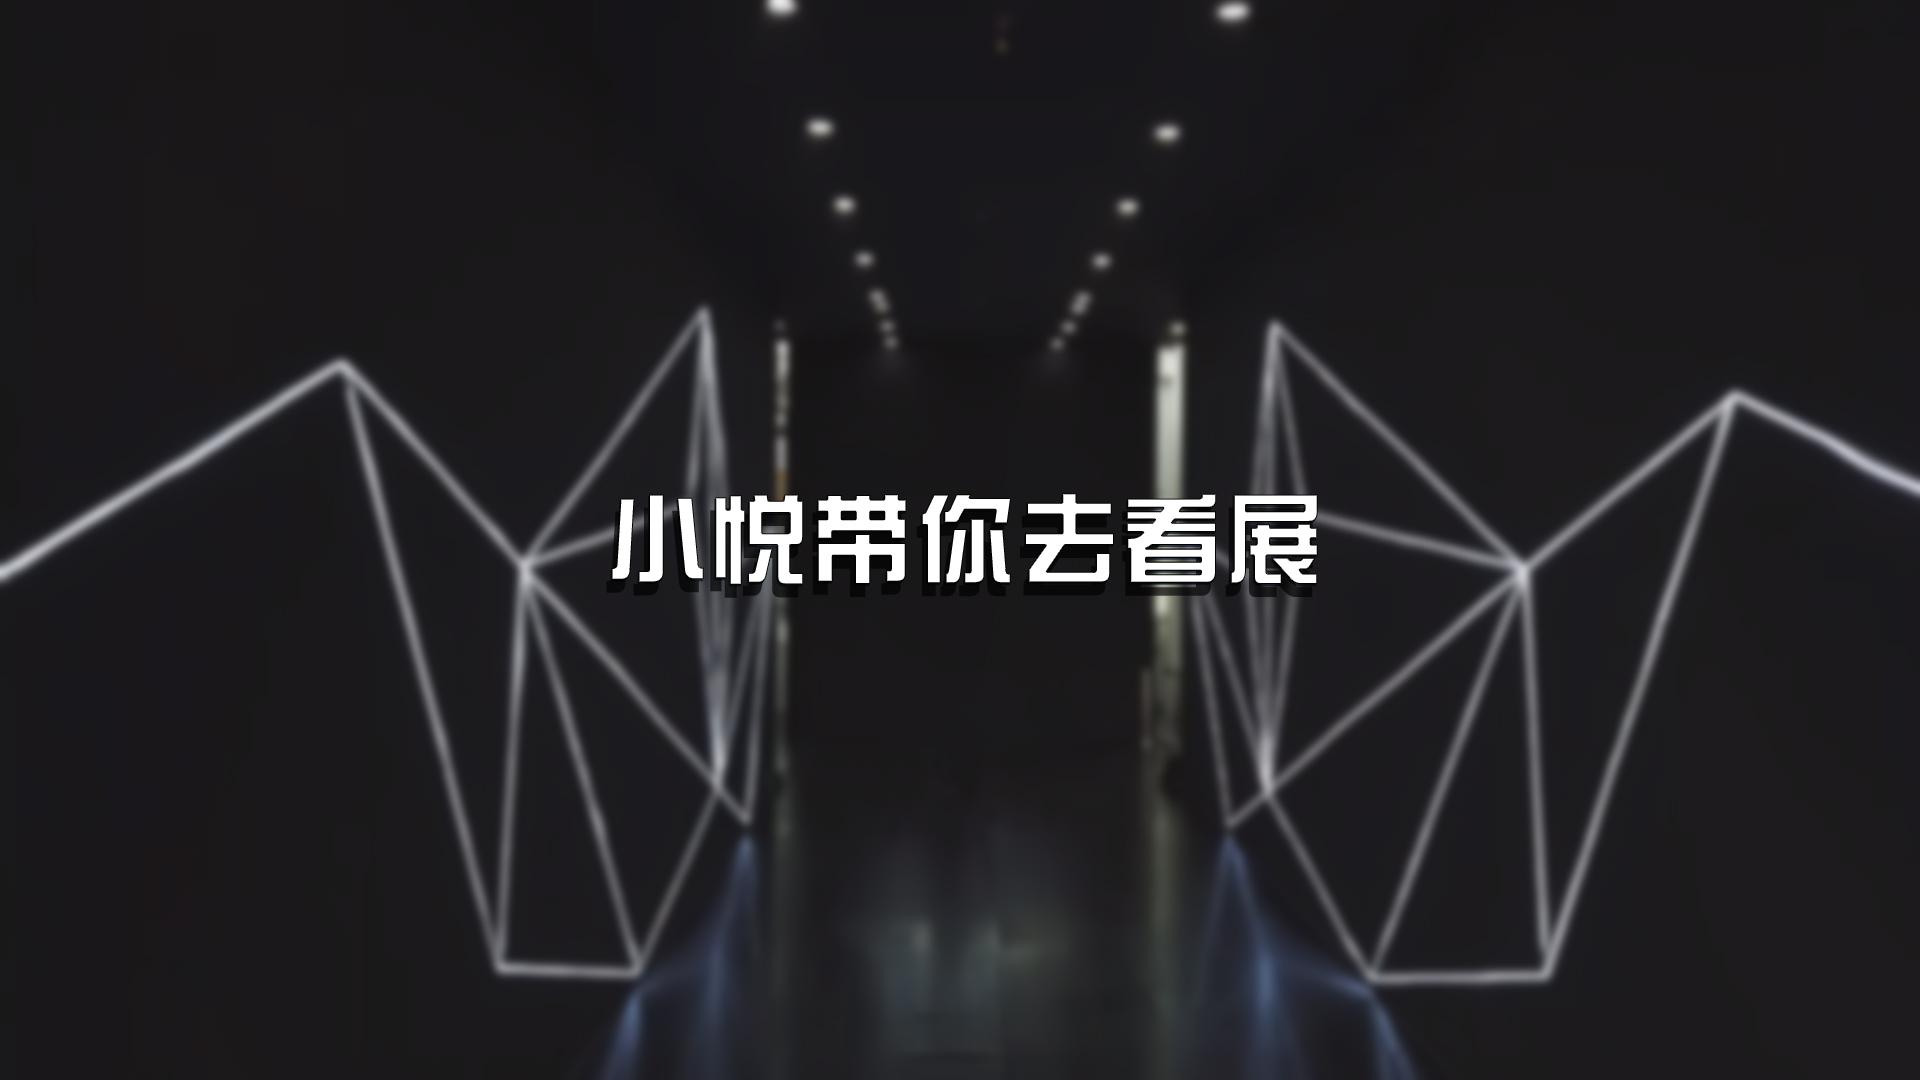 【小悦带你去看展】中国台湾展区